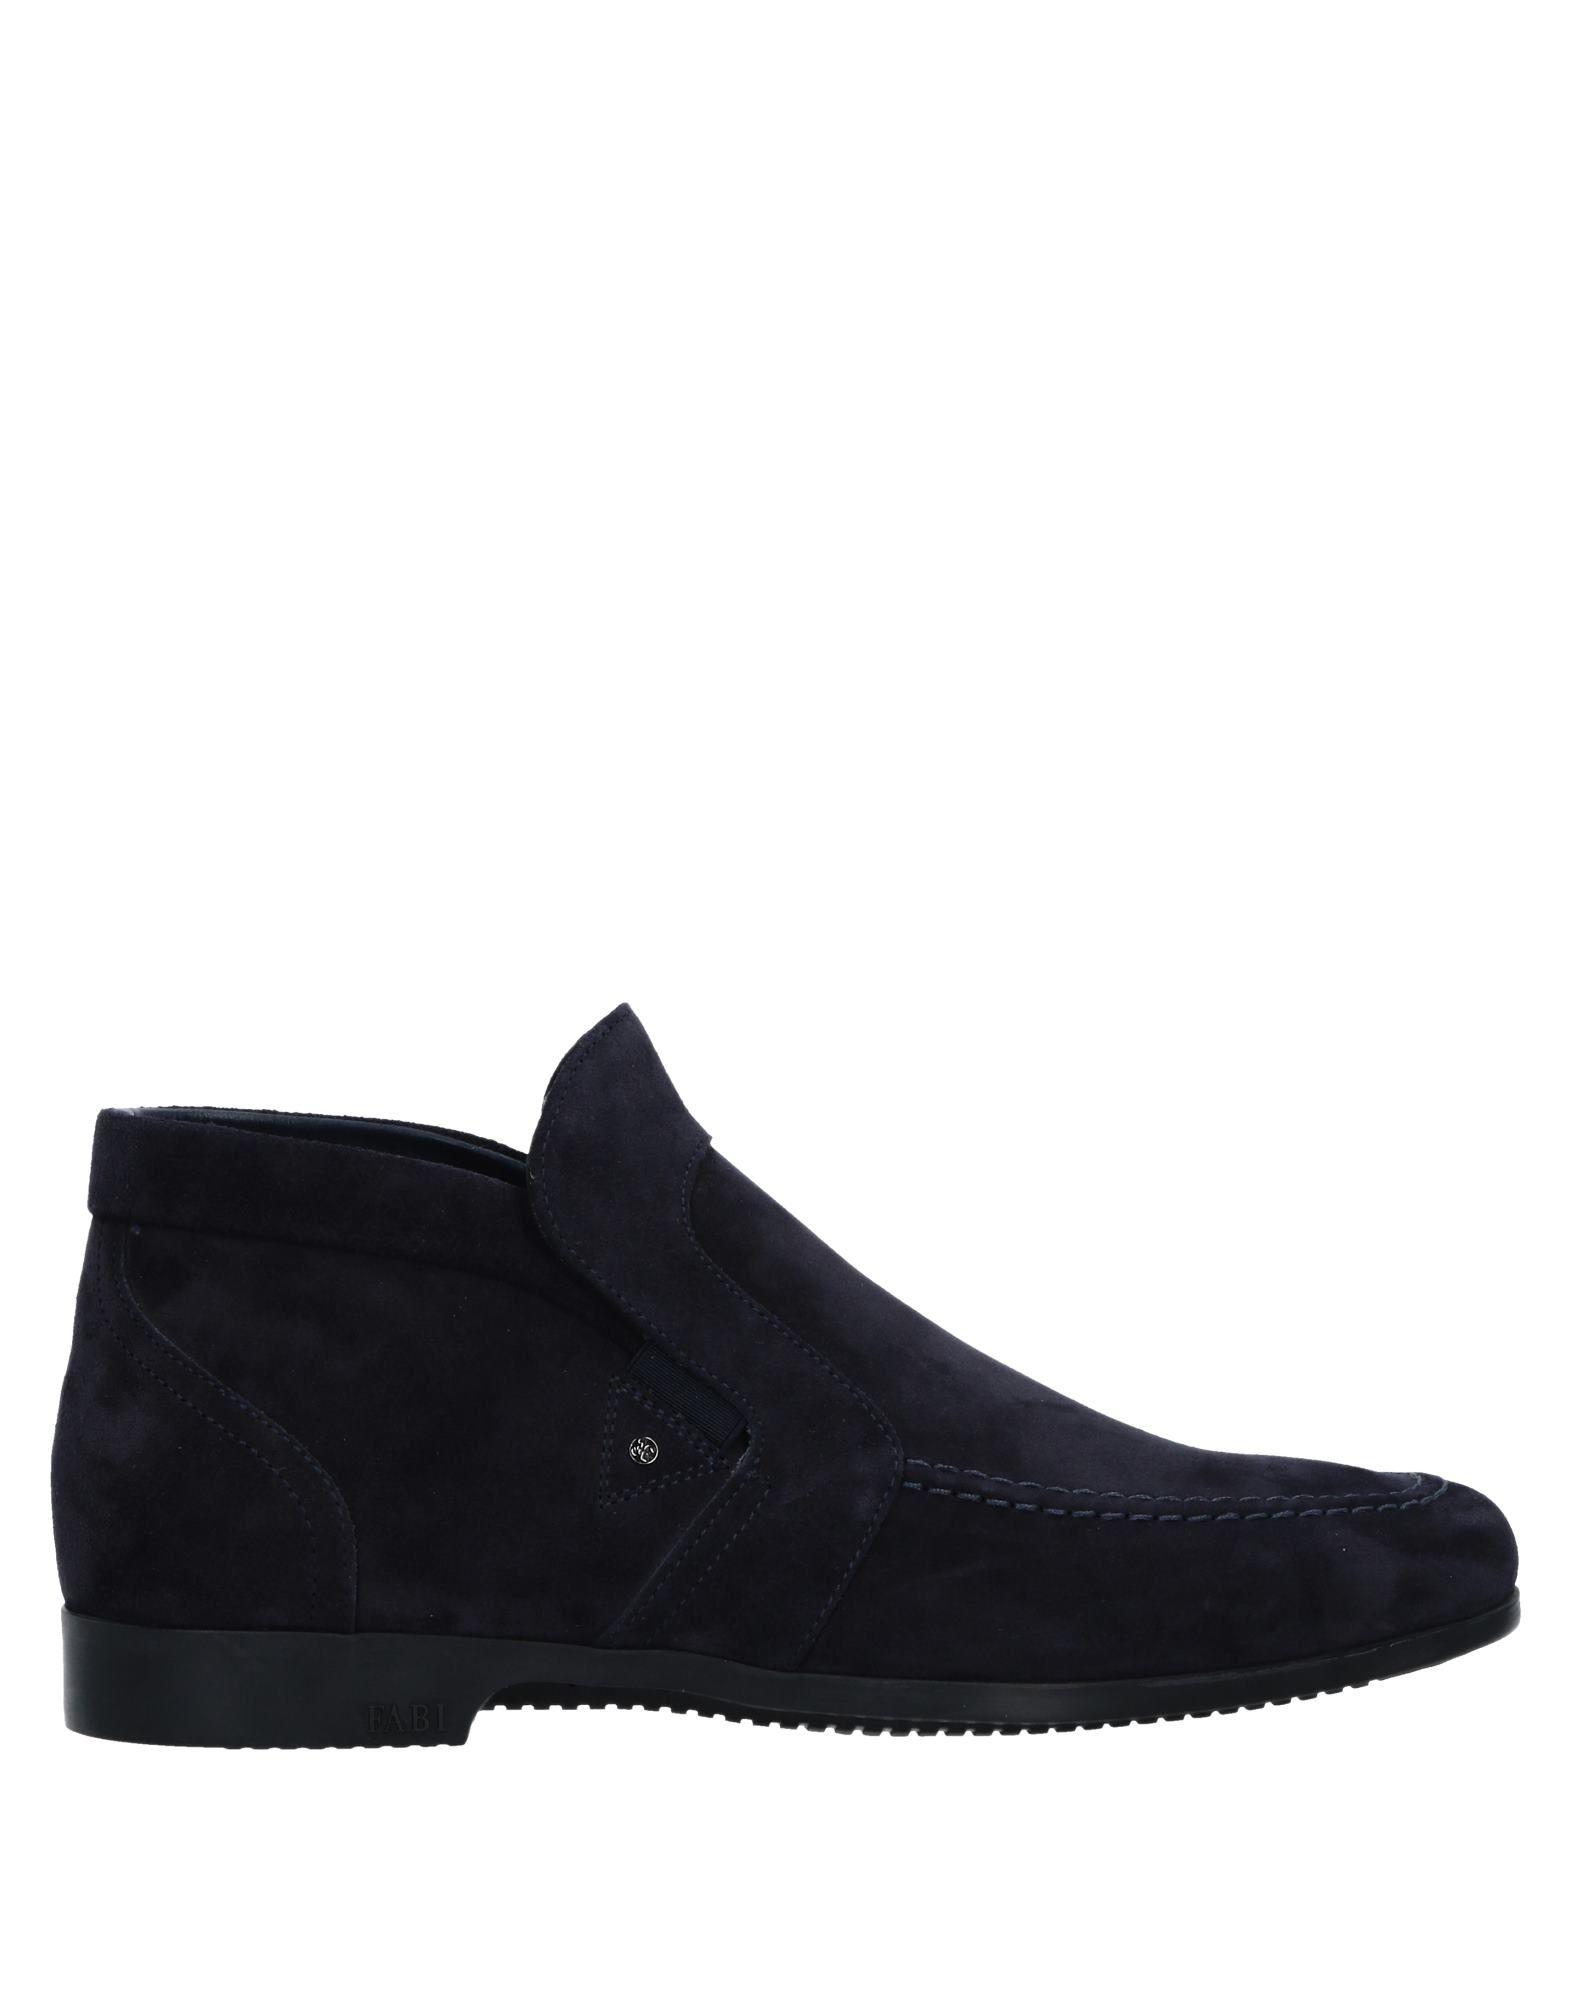 Zapatos de mujer baratos zapatos de mujer Hombre  Botín Fabi Hombre mujer - Botines Fabi 2eee9f